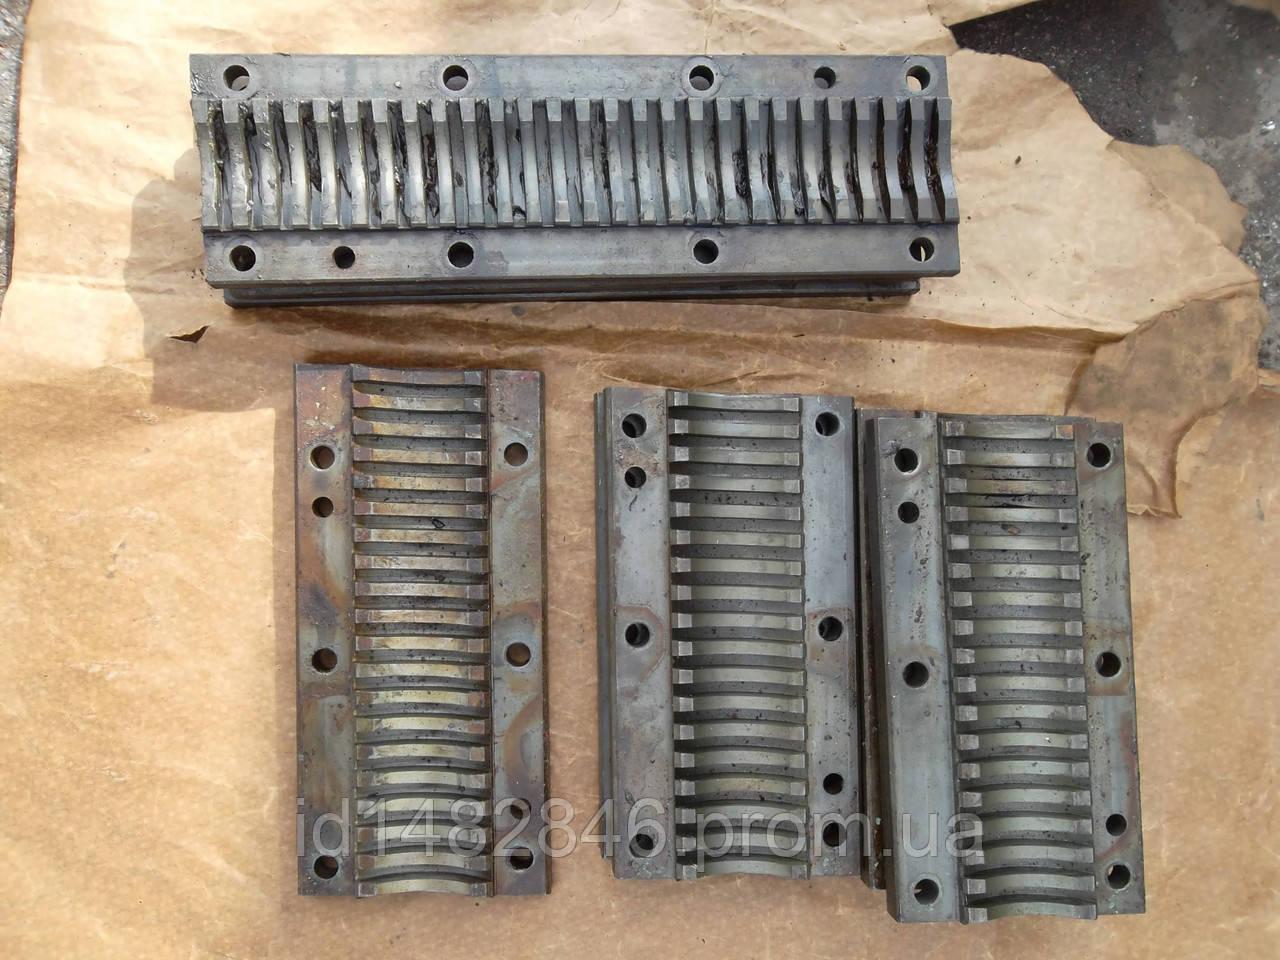 Маточные гайки планка рейка координатно-расточного станка 2Е460, фото 1